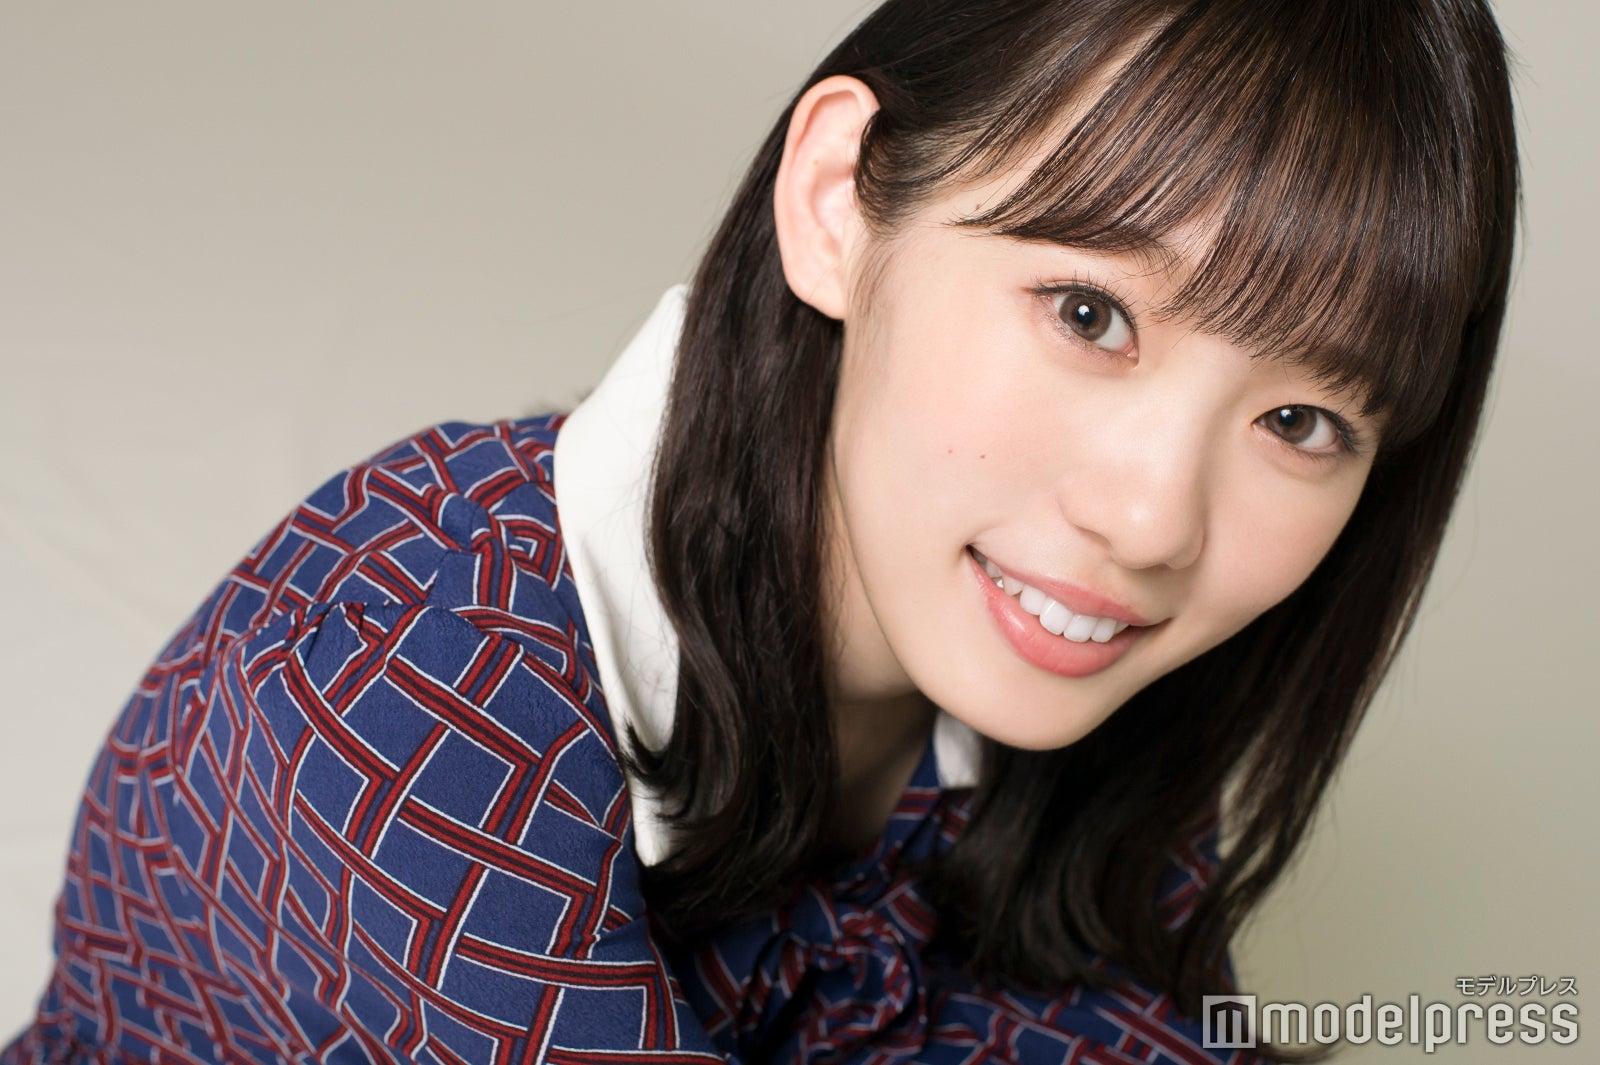 欅坂46小池美波1stソロ写真集「青春の瓶詰め」インタビュー 水着